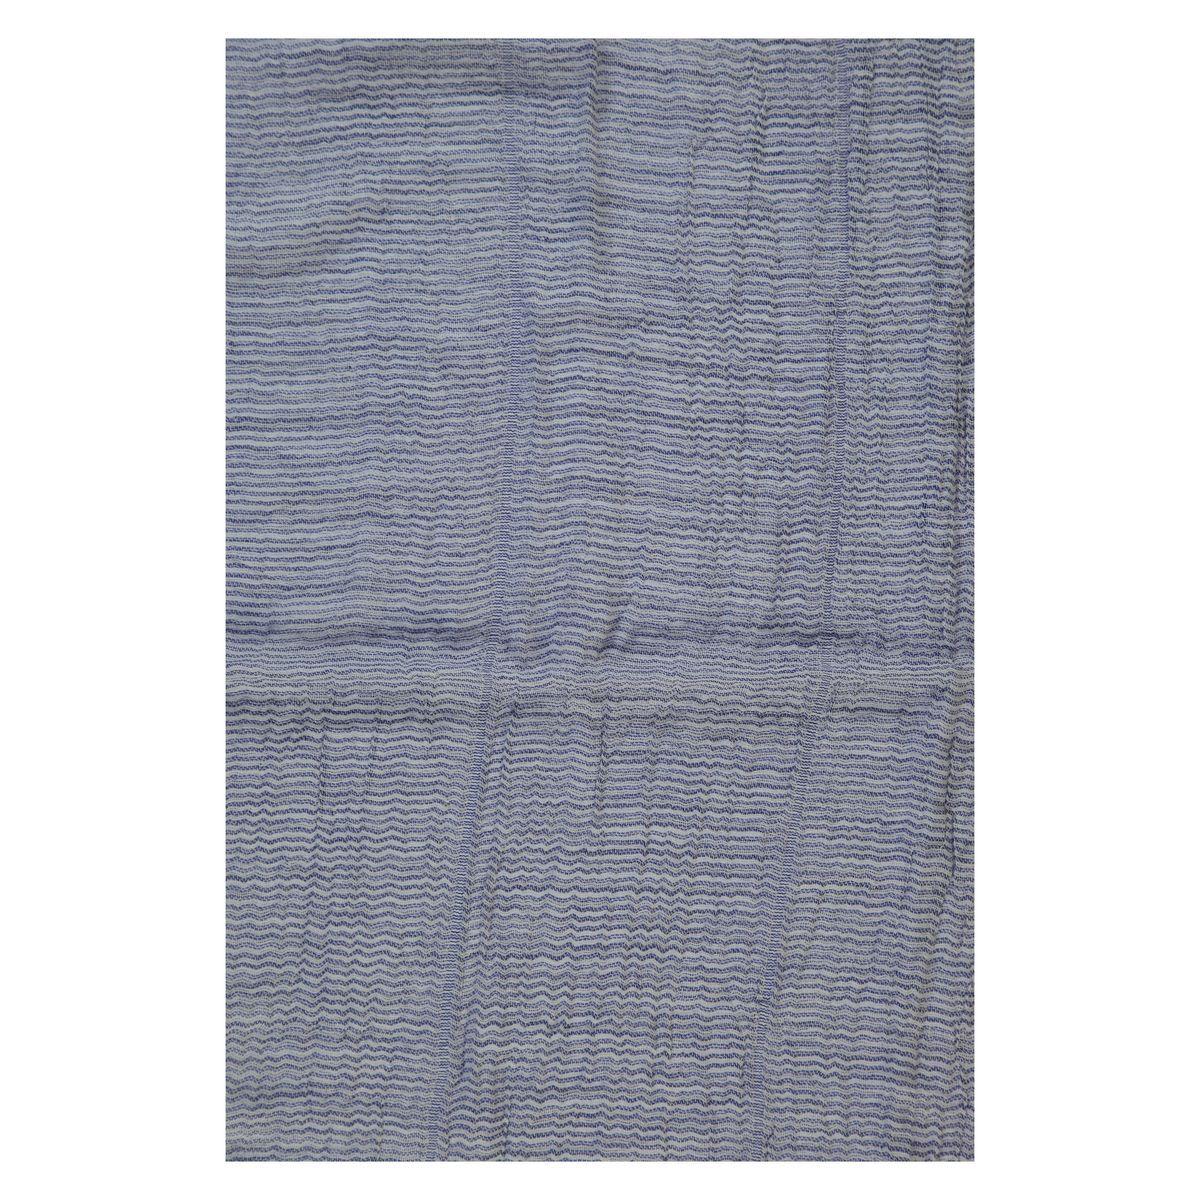 Peshtemal Pearl / Double Layer - Royal Blue